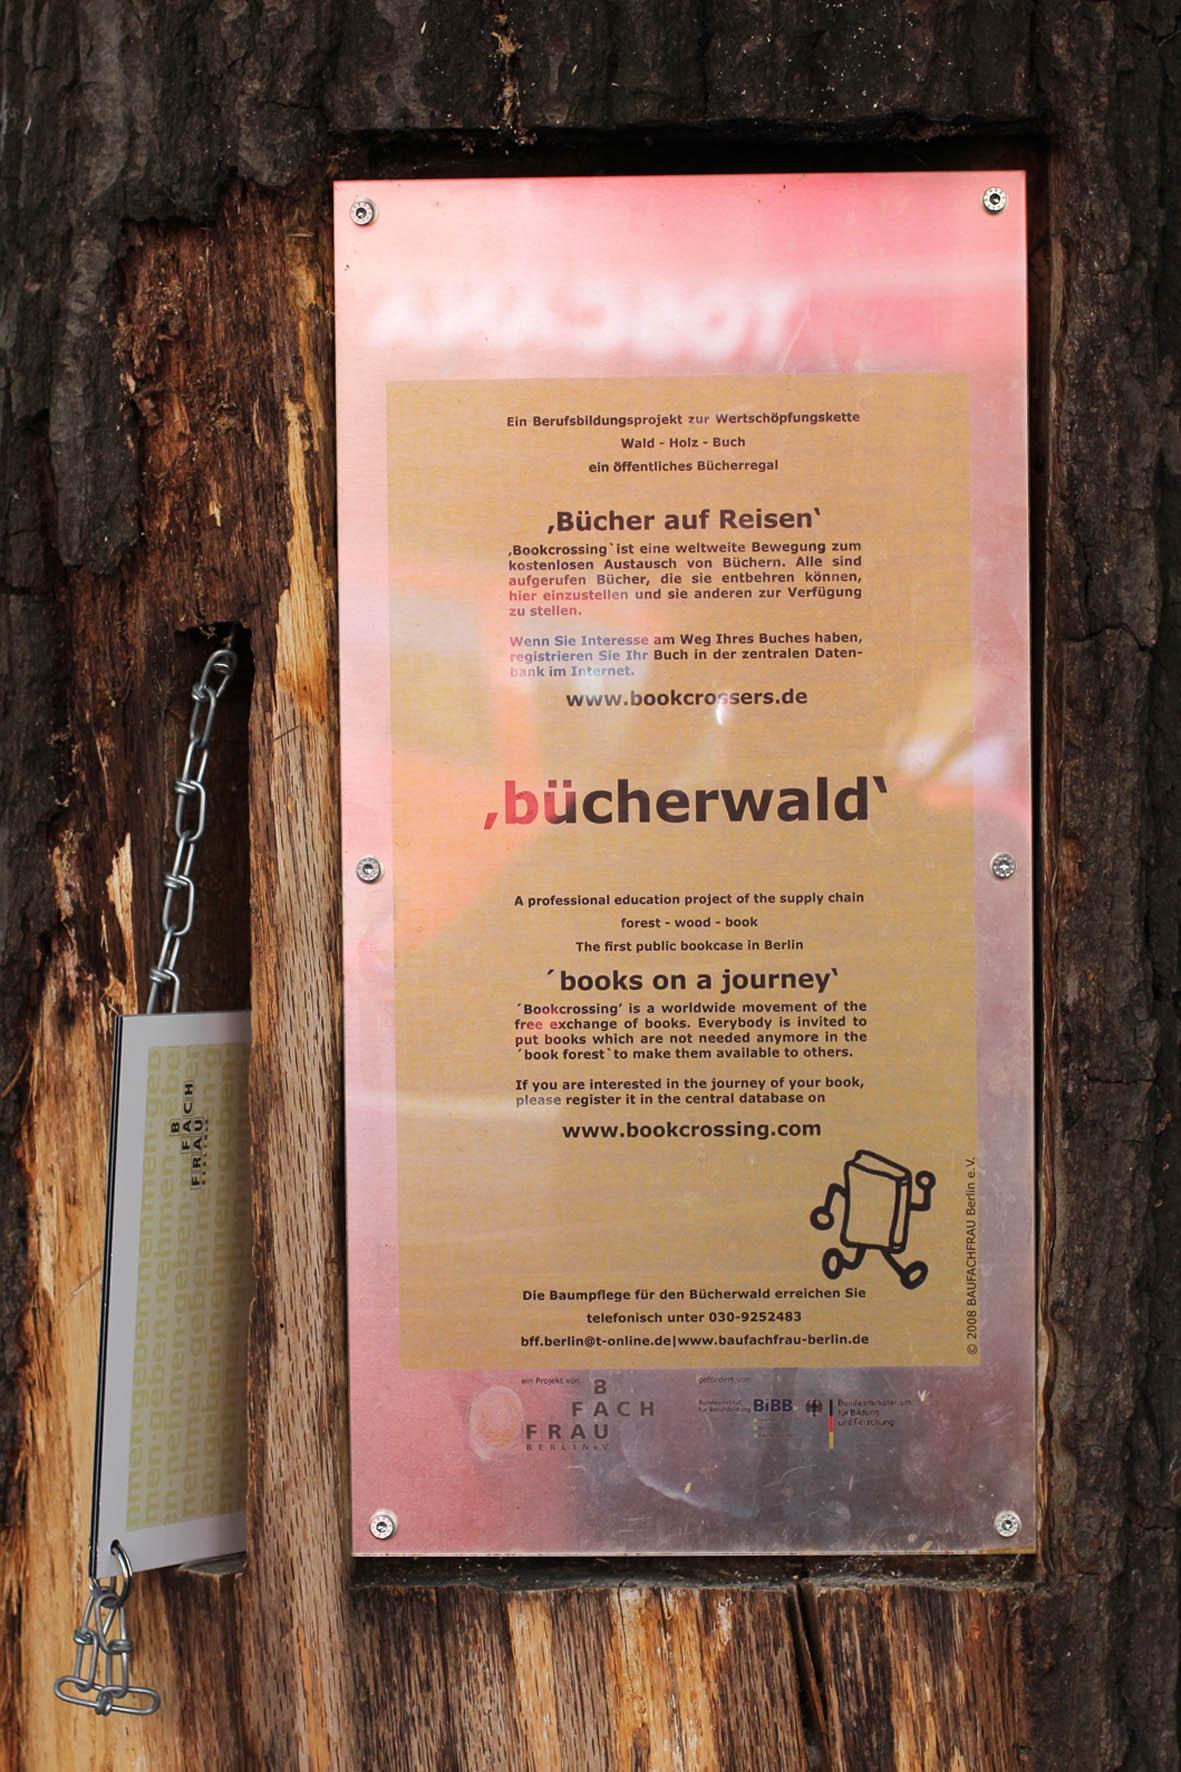 Eine Tafel an dem Bücherwald - Eine Bibliothek mit Regalen, die in Stämme geschnitzt sind, die zusammen verschraubt wurden, um einem Baum zu ähneln - auf der Sredzkistrasse in Berlin Prenzlauer Berg Ein Berufsbildungsprojekt zur Wertschöpfungskette Wald - Holz - Buch ein öffentliches Bücherregal